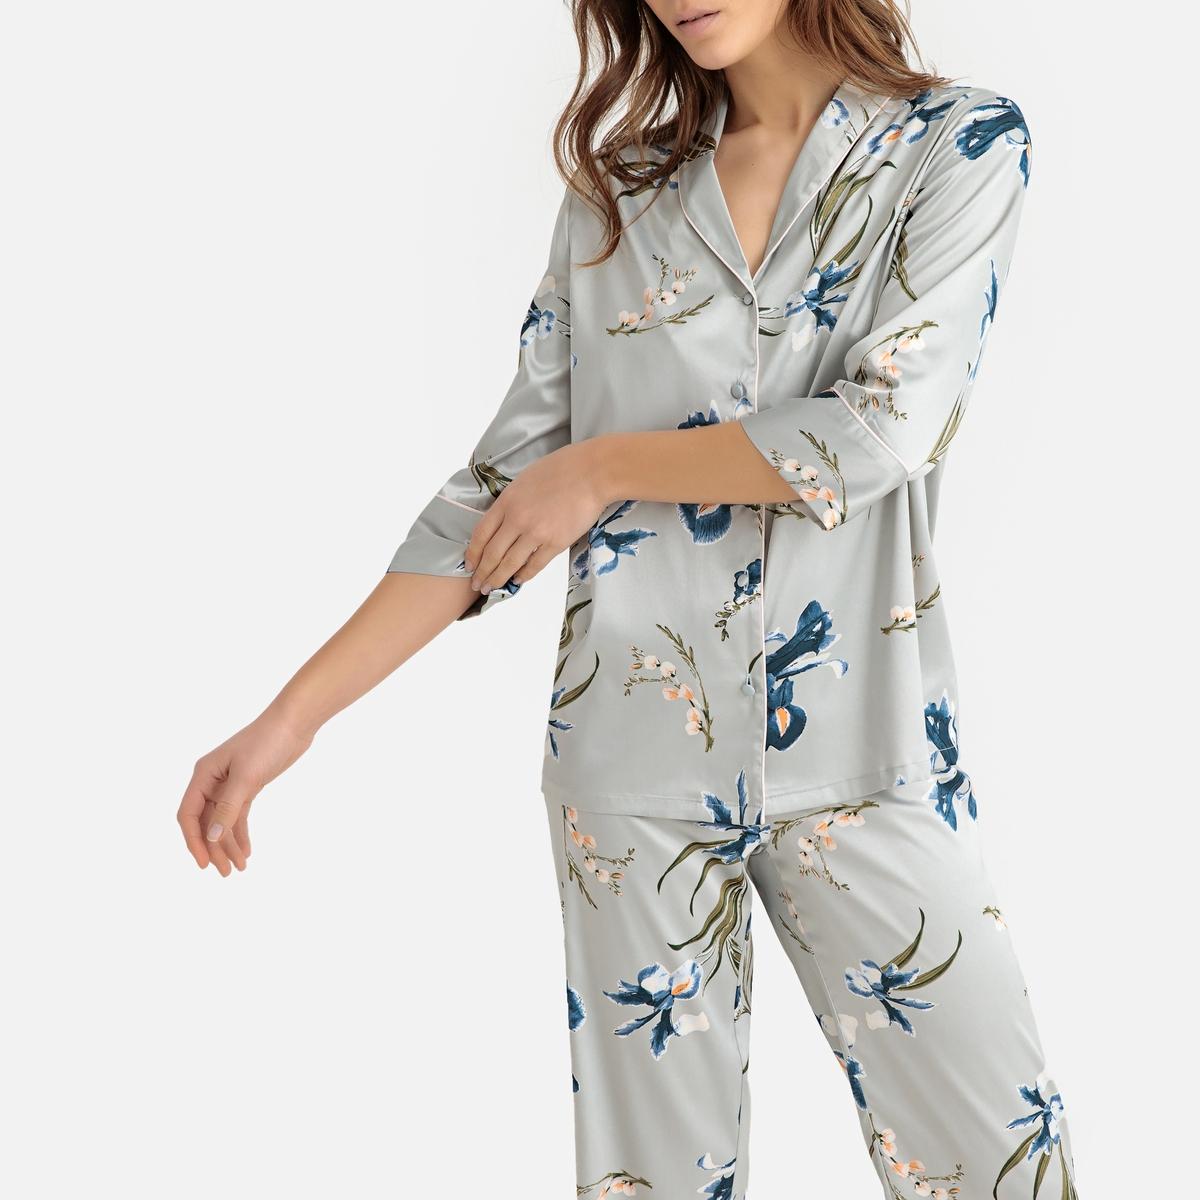 Pijama de satén con estampado floral